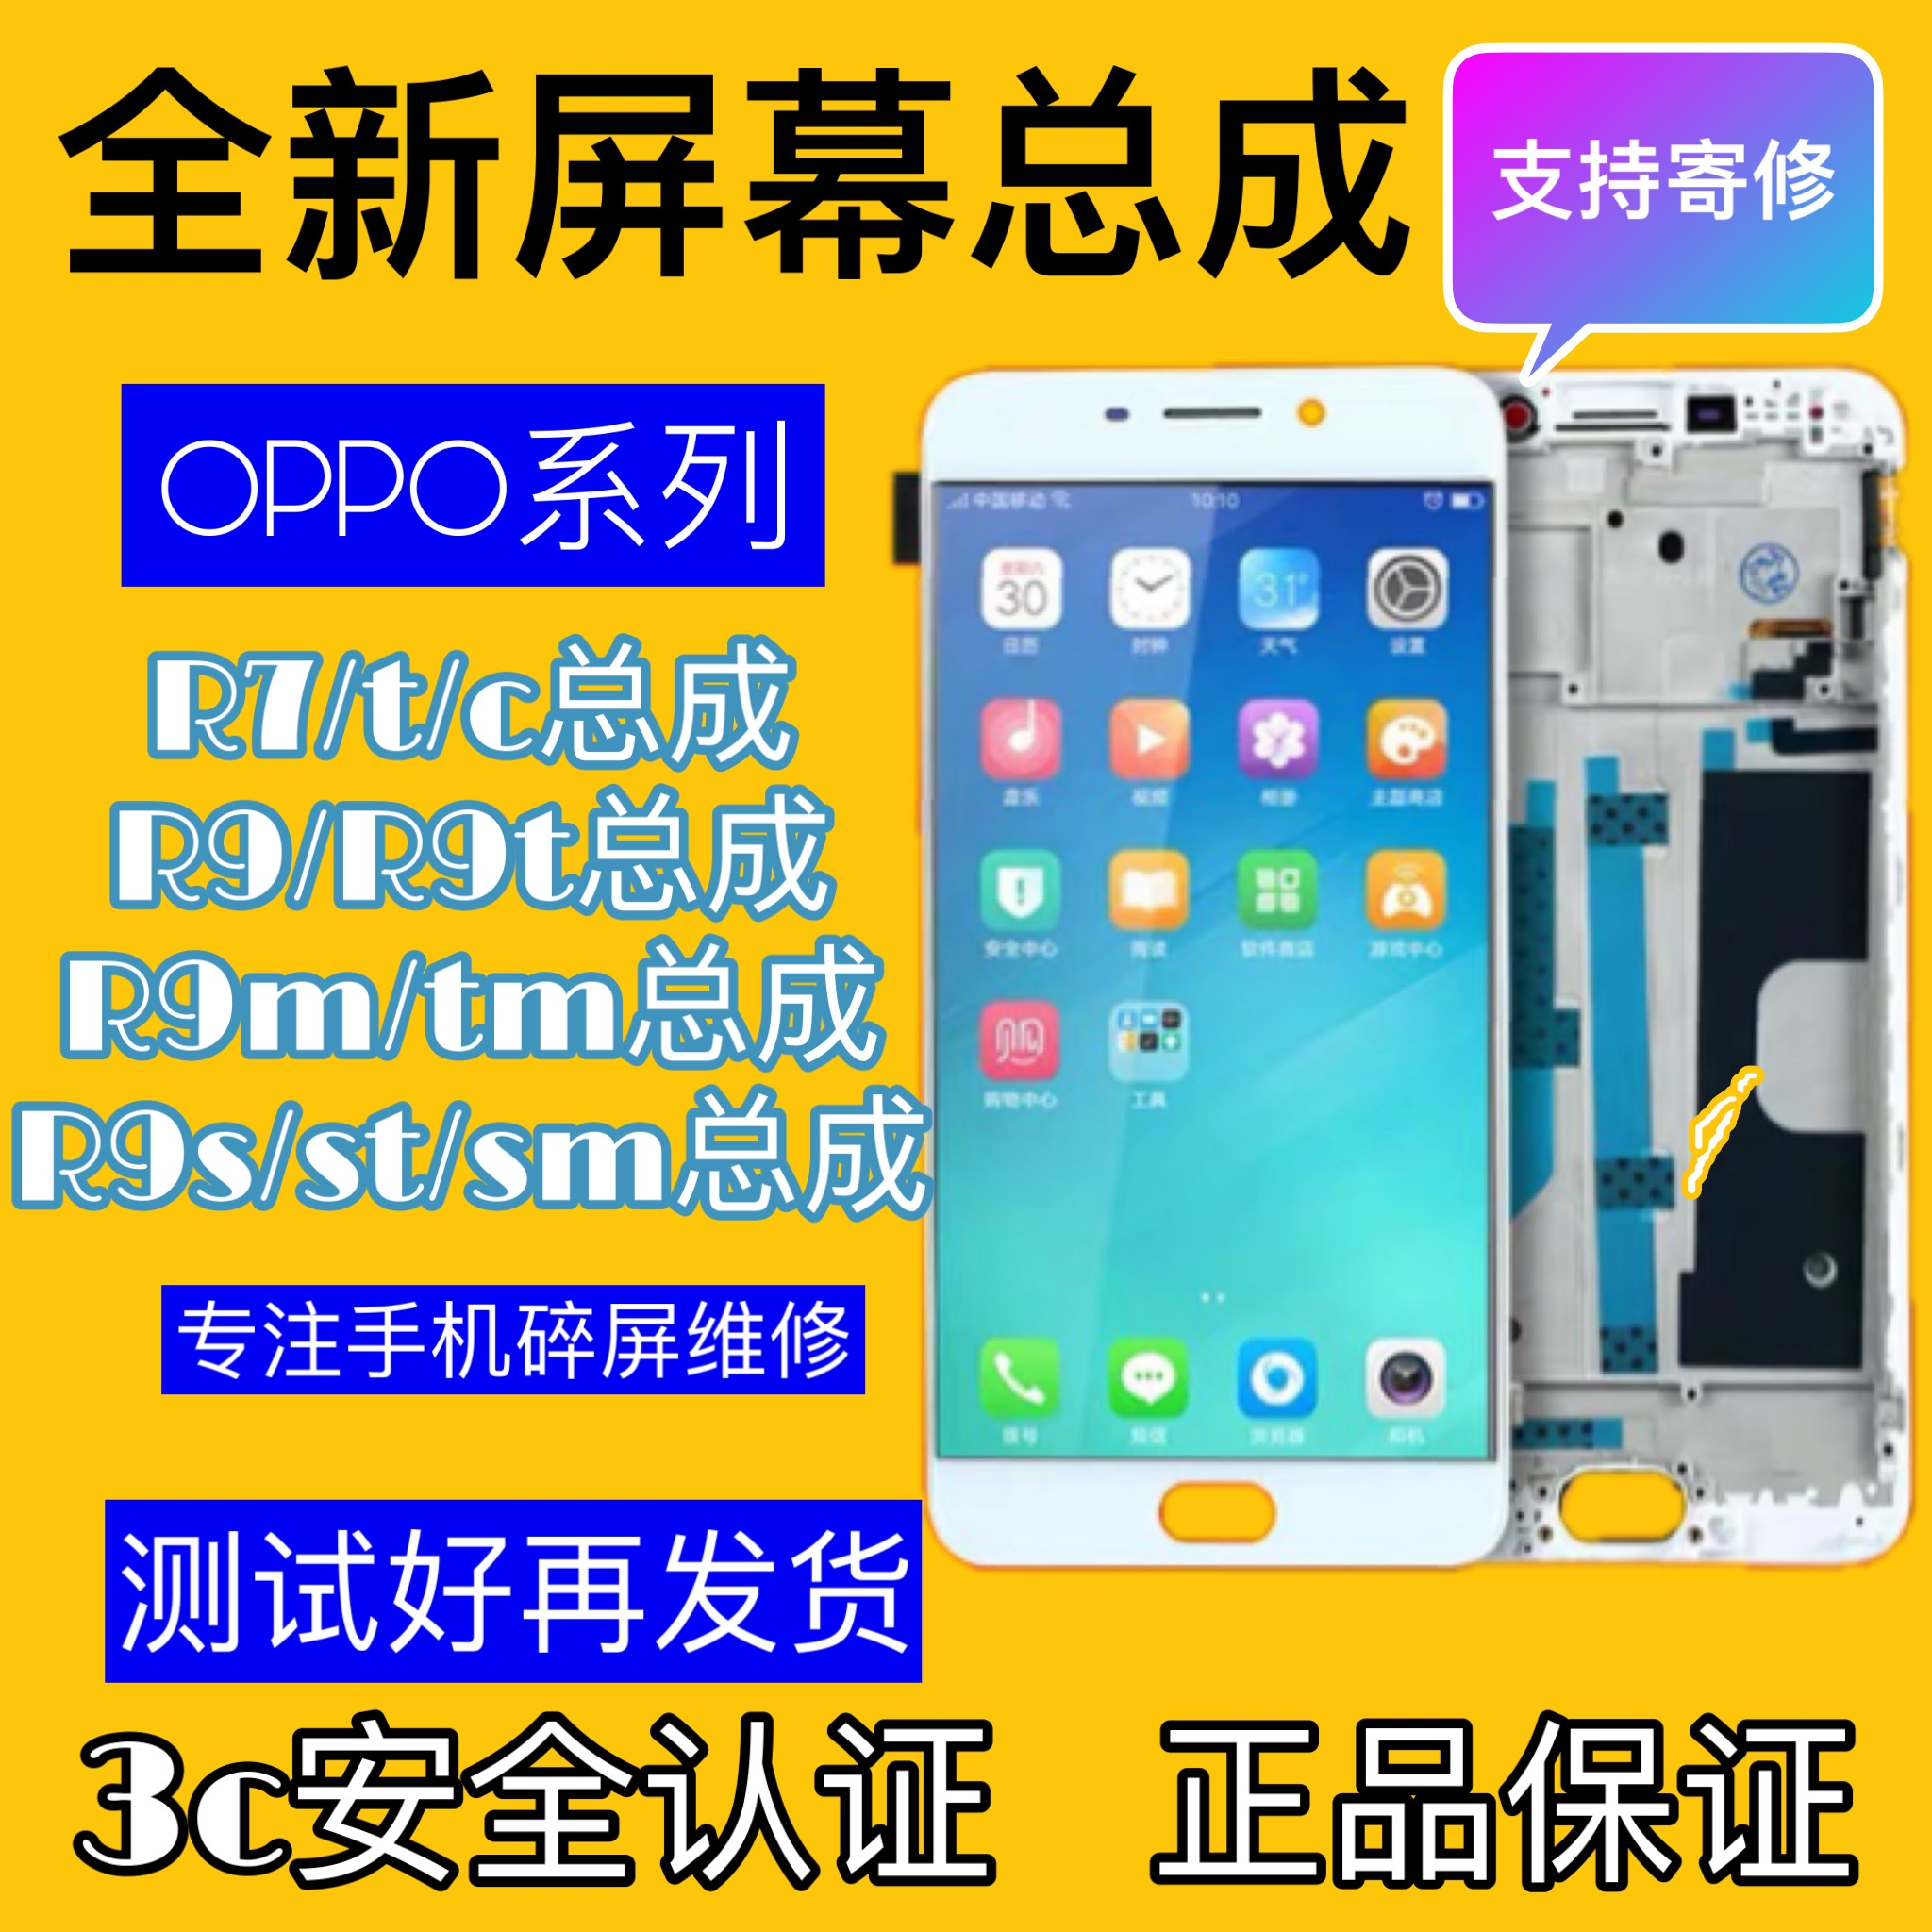 oppor9m屏幕总成R9tm r7s r9plus r9s a79手机原装内外显示屏r11t图片